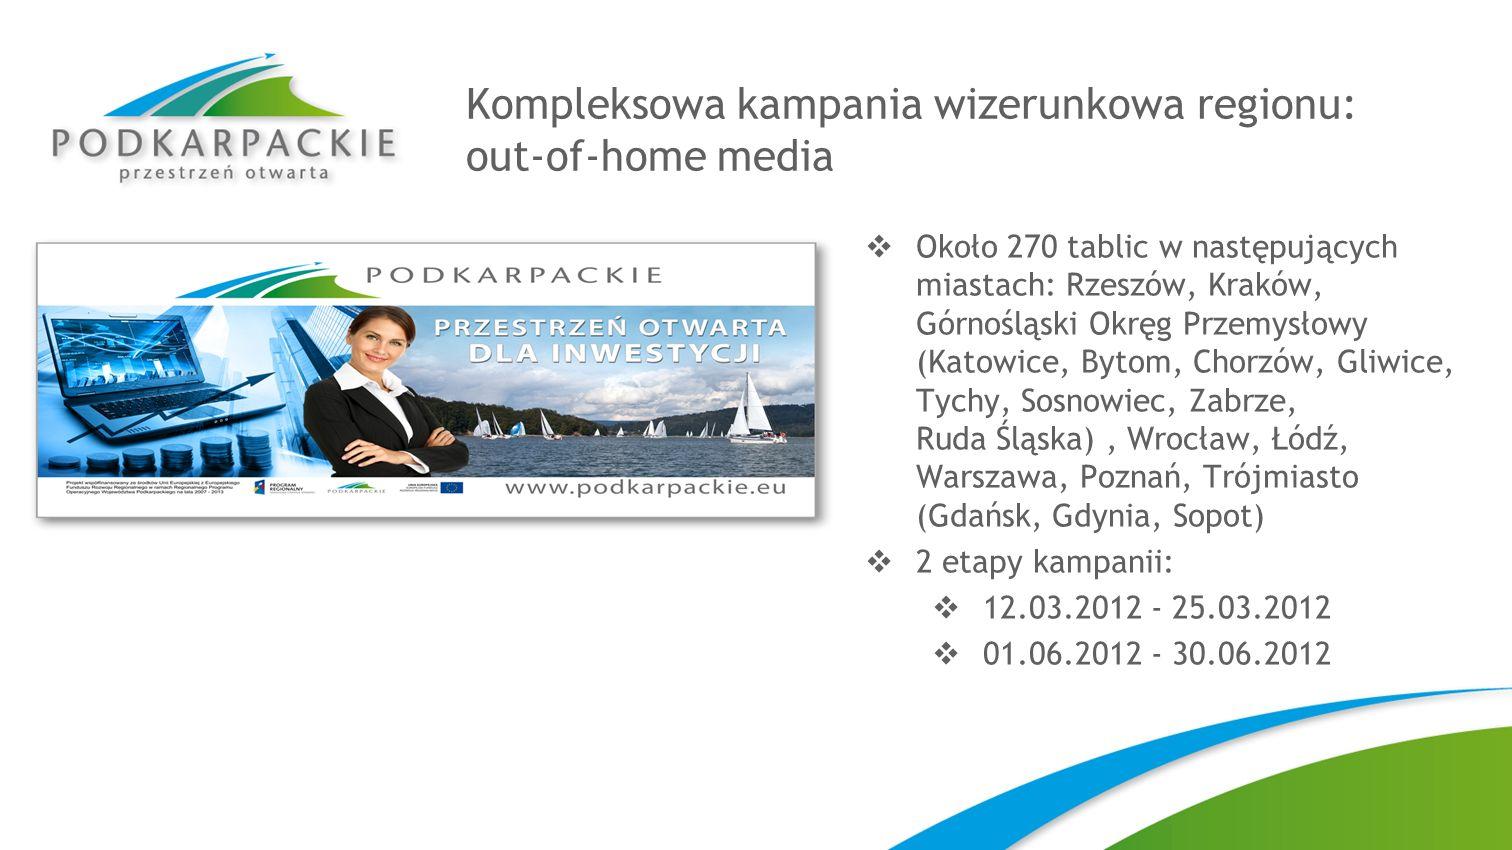 Kompleksowa kampania wizerunkowa regionu: out-of-home media Około 270 tablic w następujących miastach: Rzeszów, Kraków, Górnośląski Okręg Przemysłowy